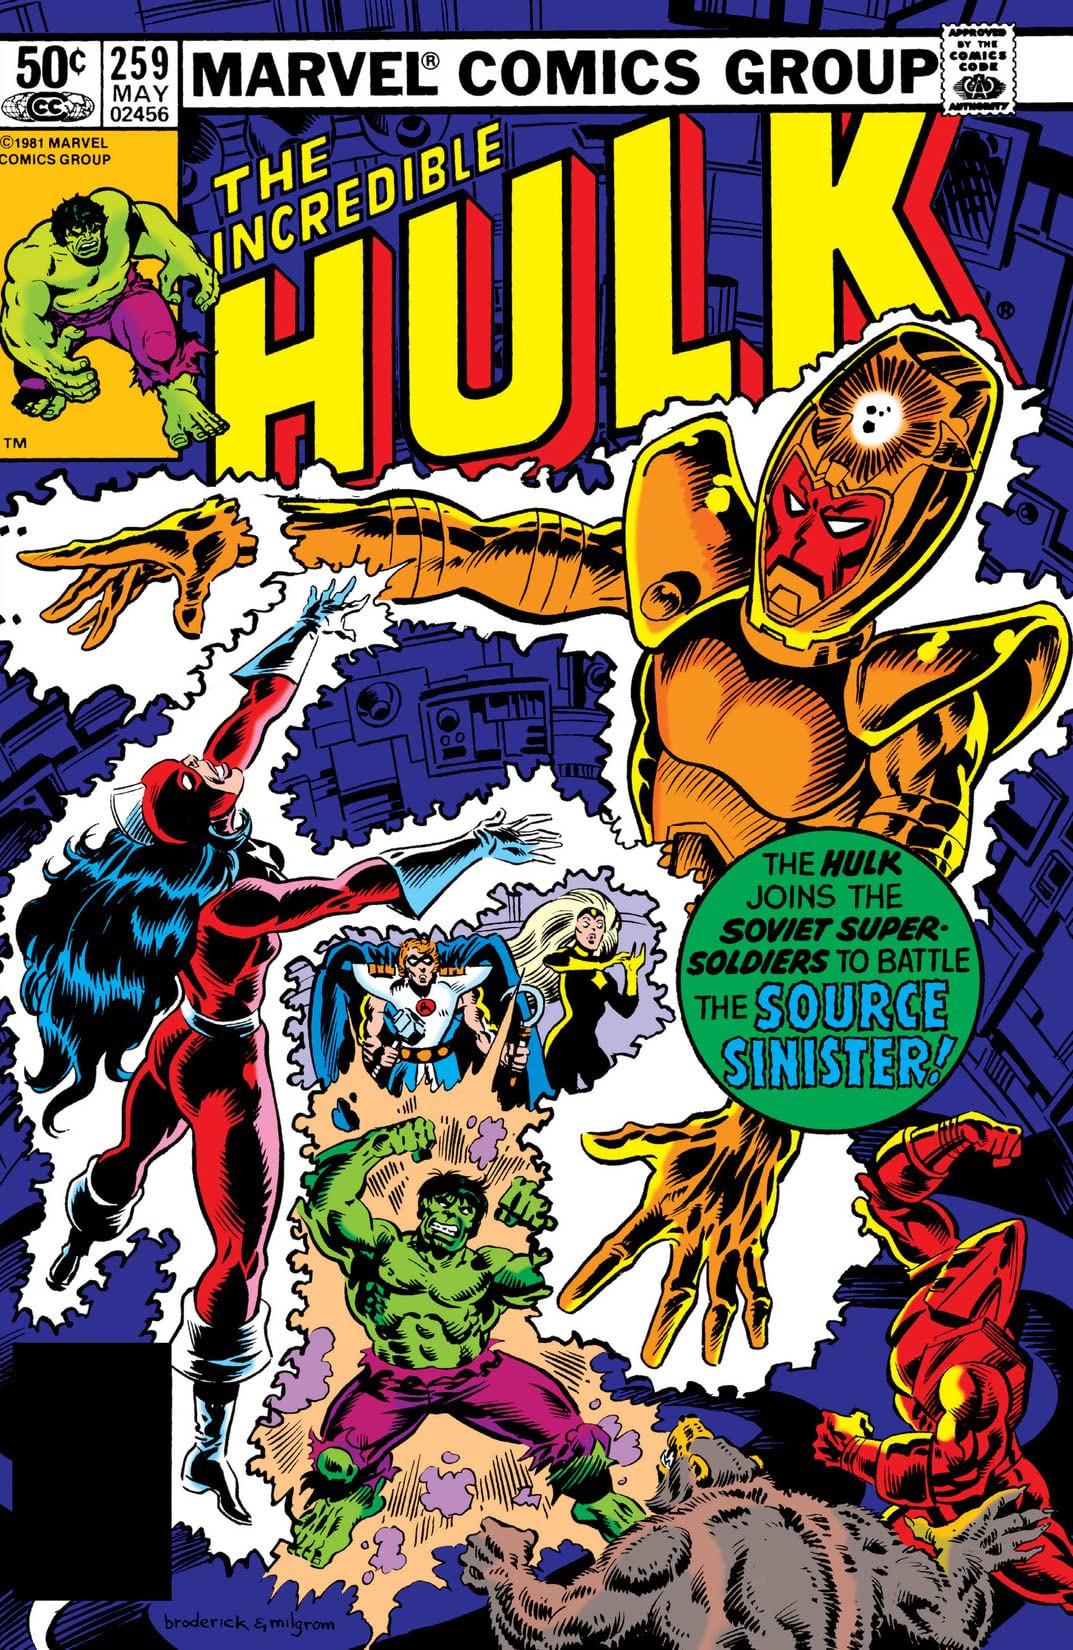 Incredible Hulk Vol 1 259